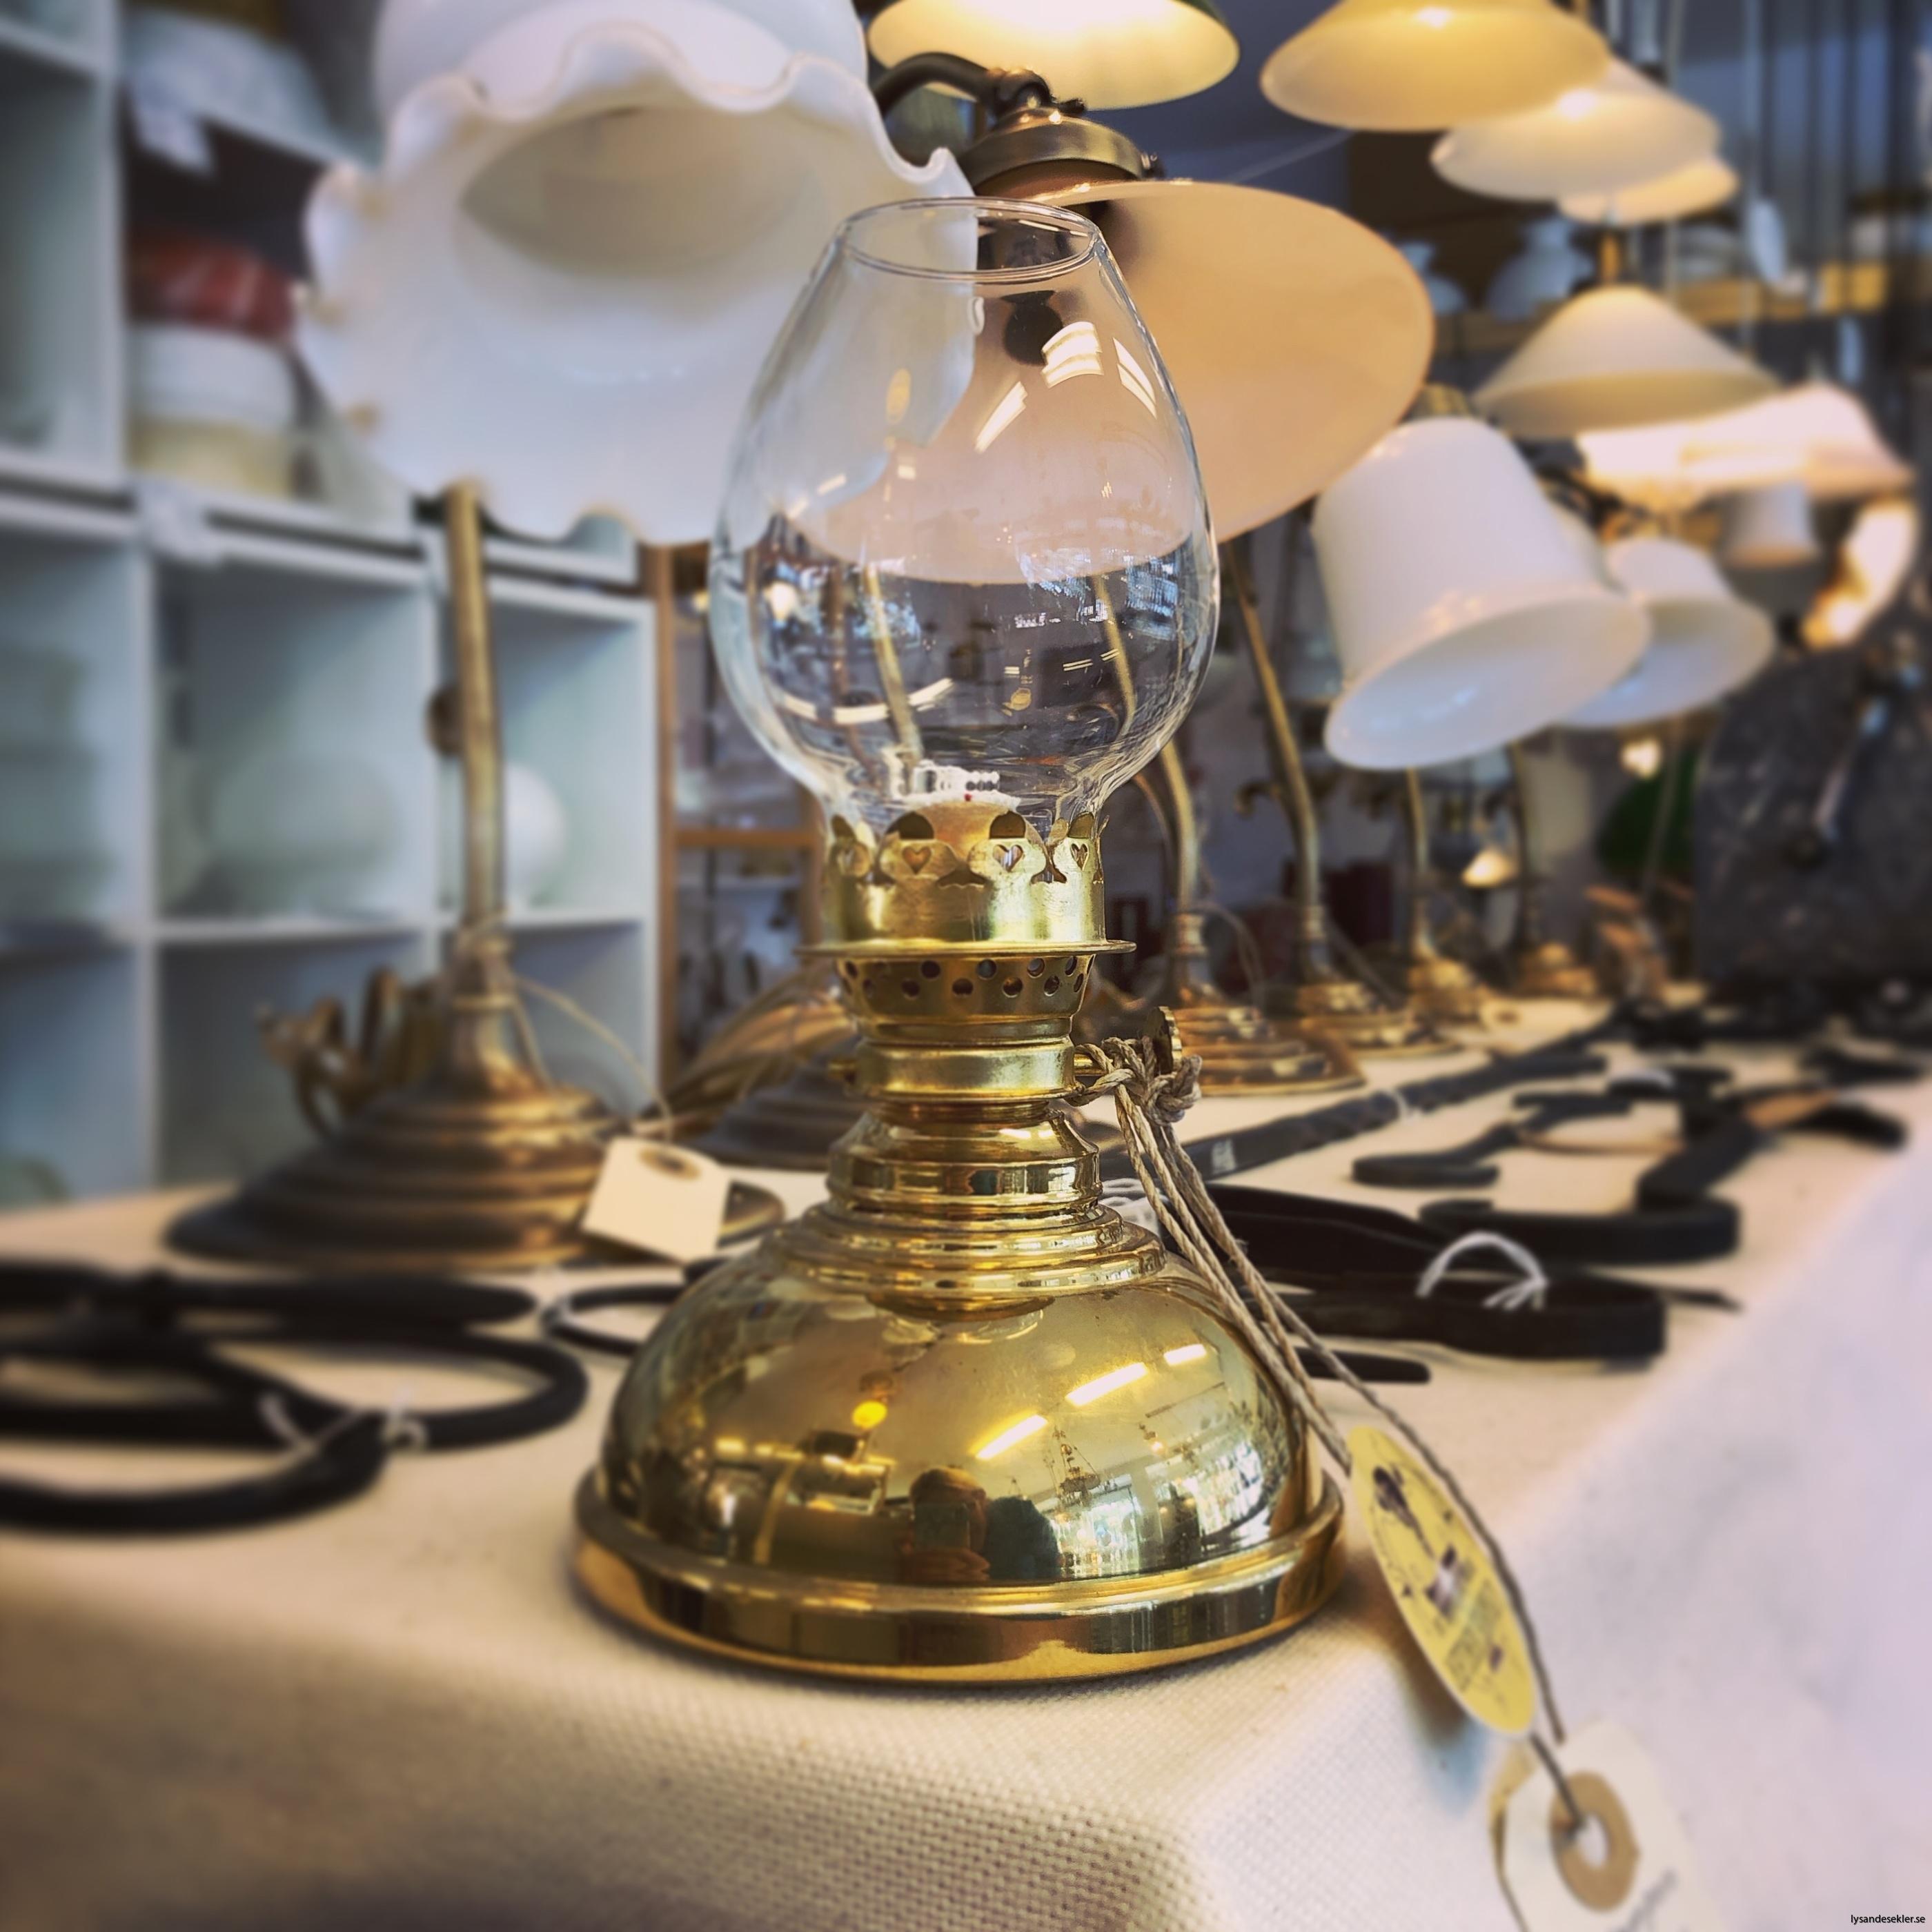 fotogenlampa mässing liten med äggformat lampglas